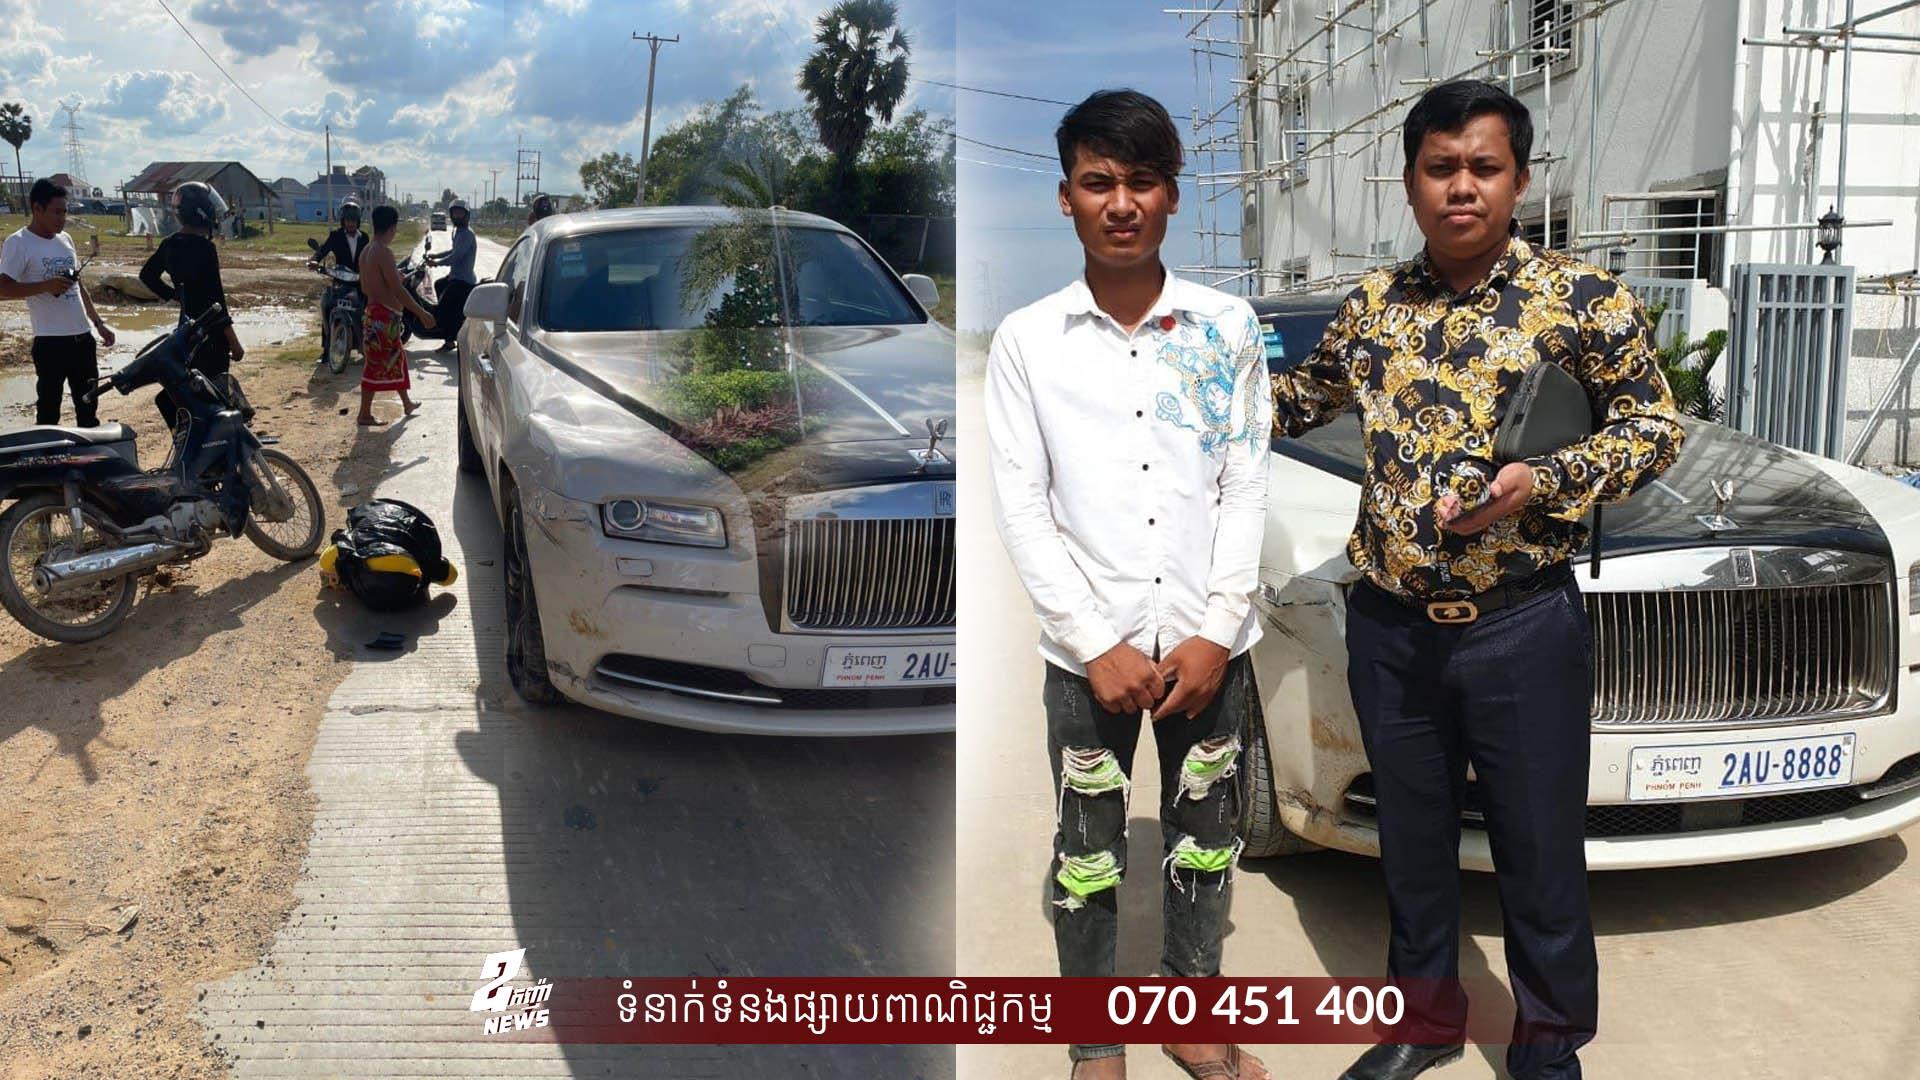 យកកាដូជូនមិត្តស្រី ថ្ងៃបុណ្យណូអ៊ែល ចៃដន្យ ជិះម៉ូតូទៅបុករថយន្ដ Rolls Royce ម្ចាស់បុរីលាភសំណាង